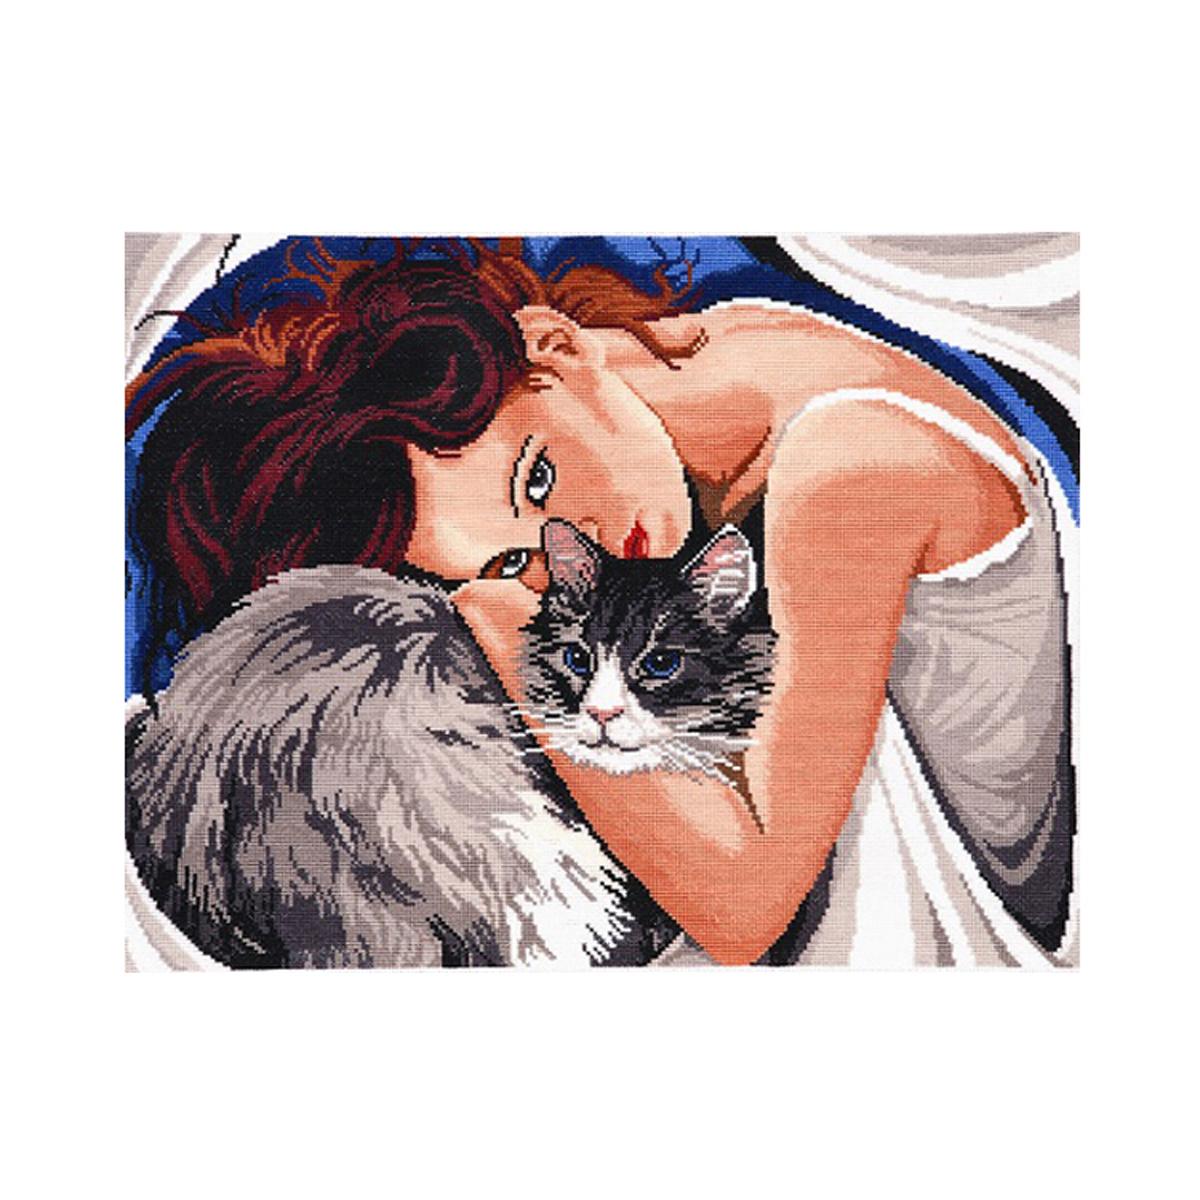 Набор для вышивания Alisena Одиночество вдвоем, 30 x 39 см488070